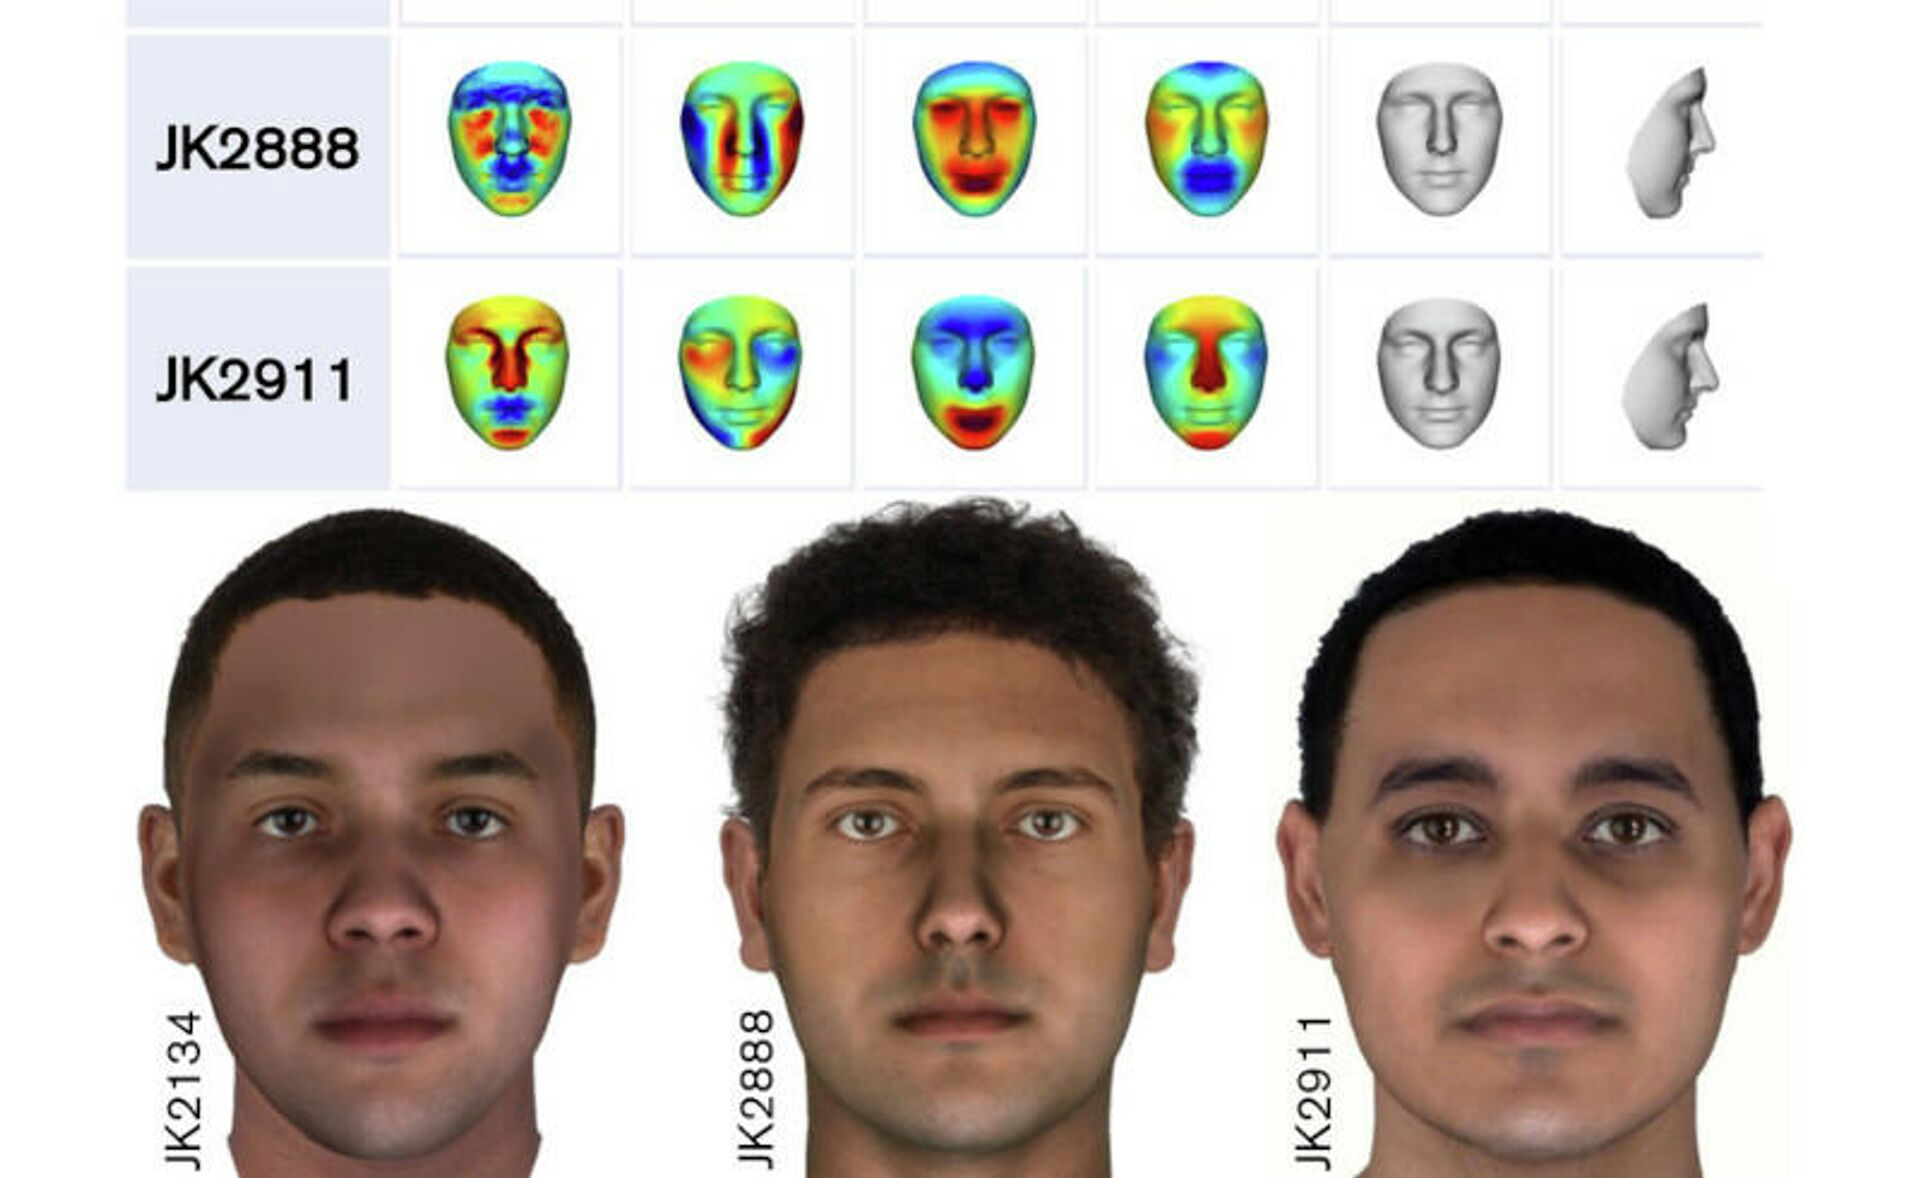 Mısır'daki mumyalardan alınan 2 bin yıllık DNA'ları inceleyen bilim insanları, antik dönemde yaşamış 3 erkeğin fiziksel görünüşünü tasvir etti.  - Sputnik Türkiye, 1920, 20.09.2021